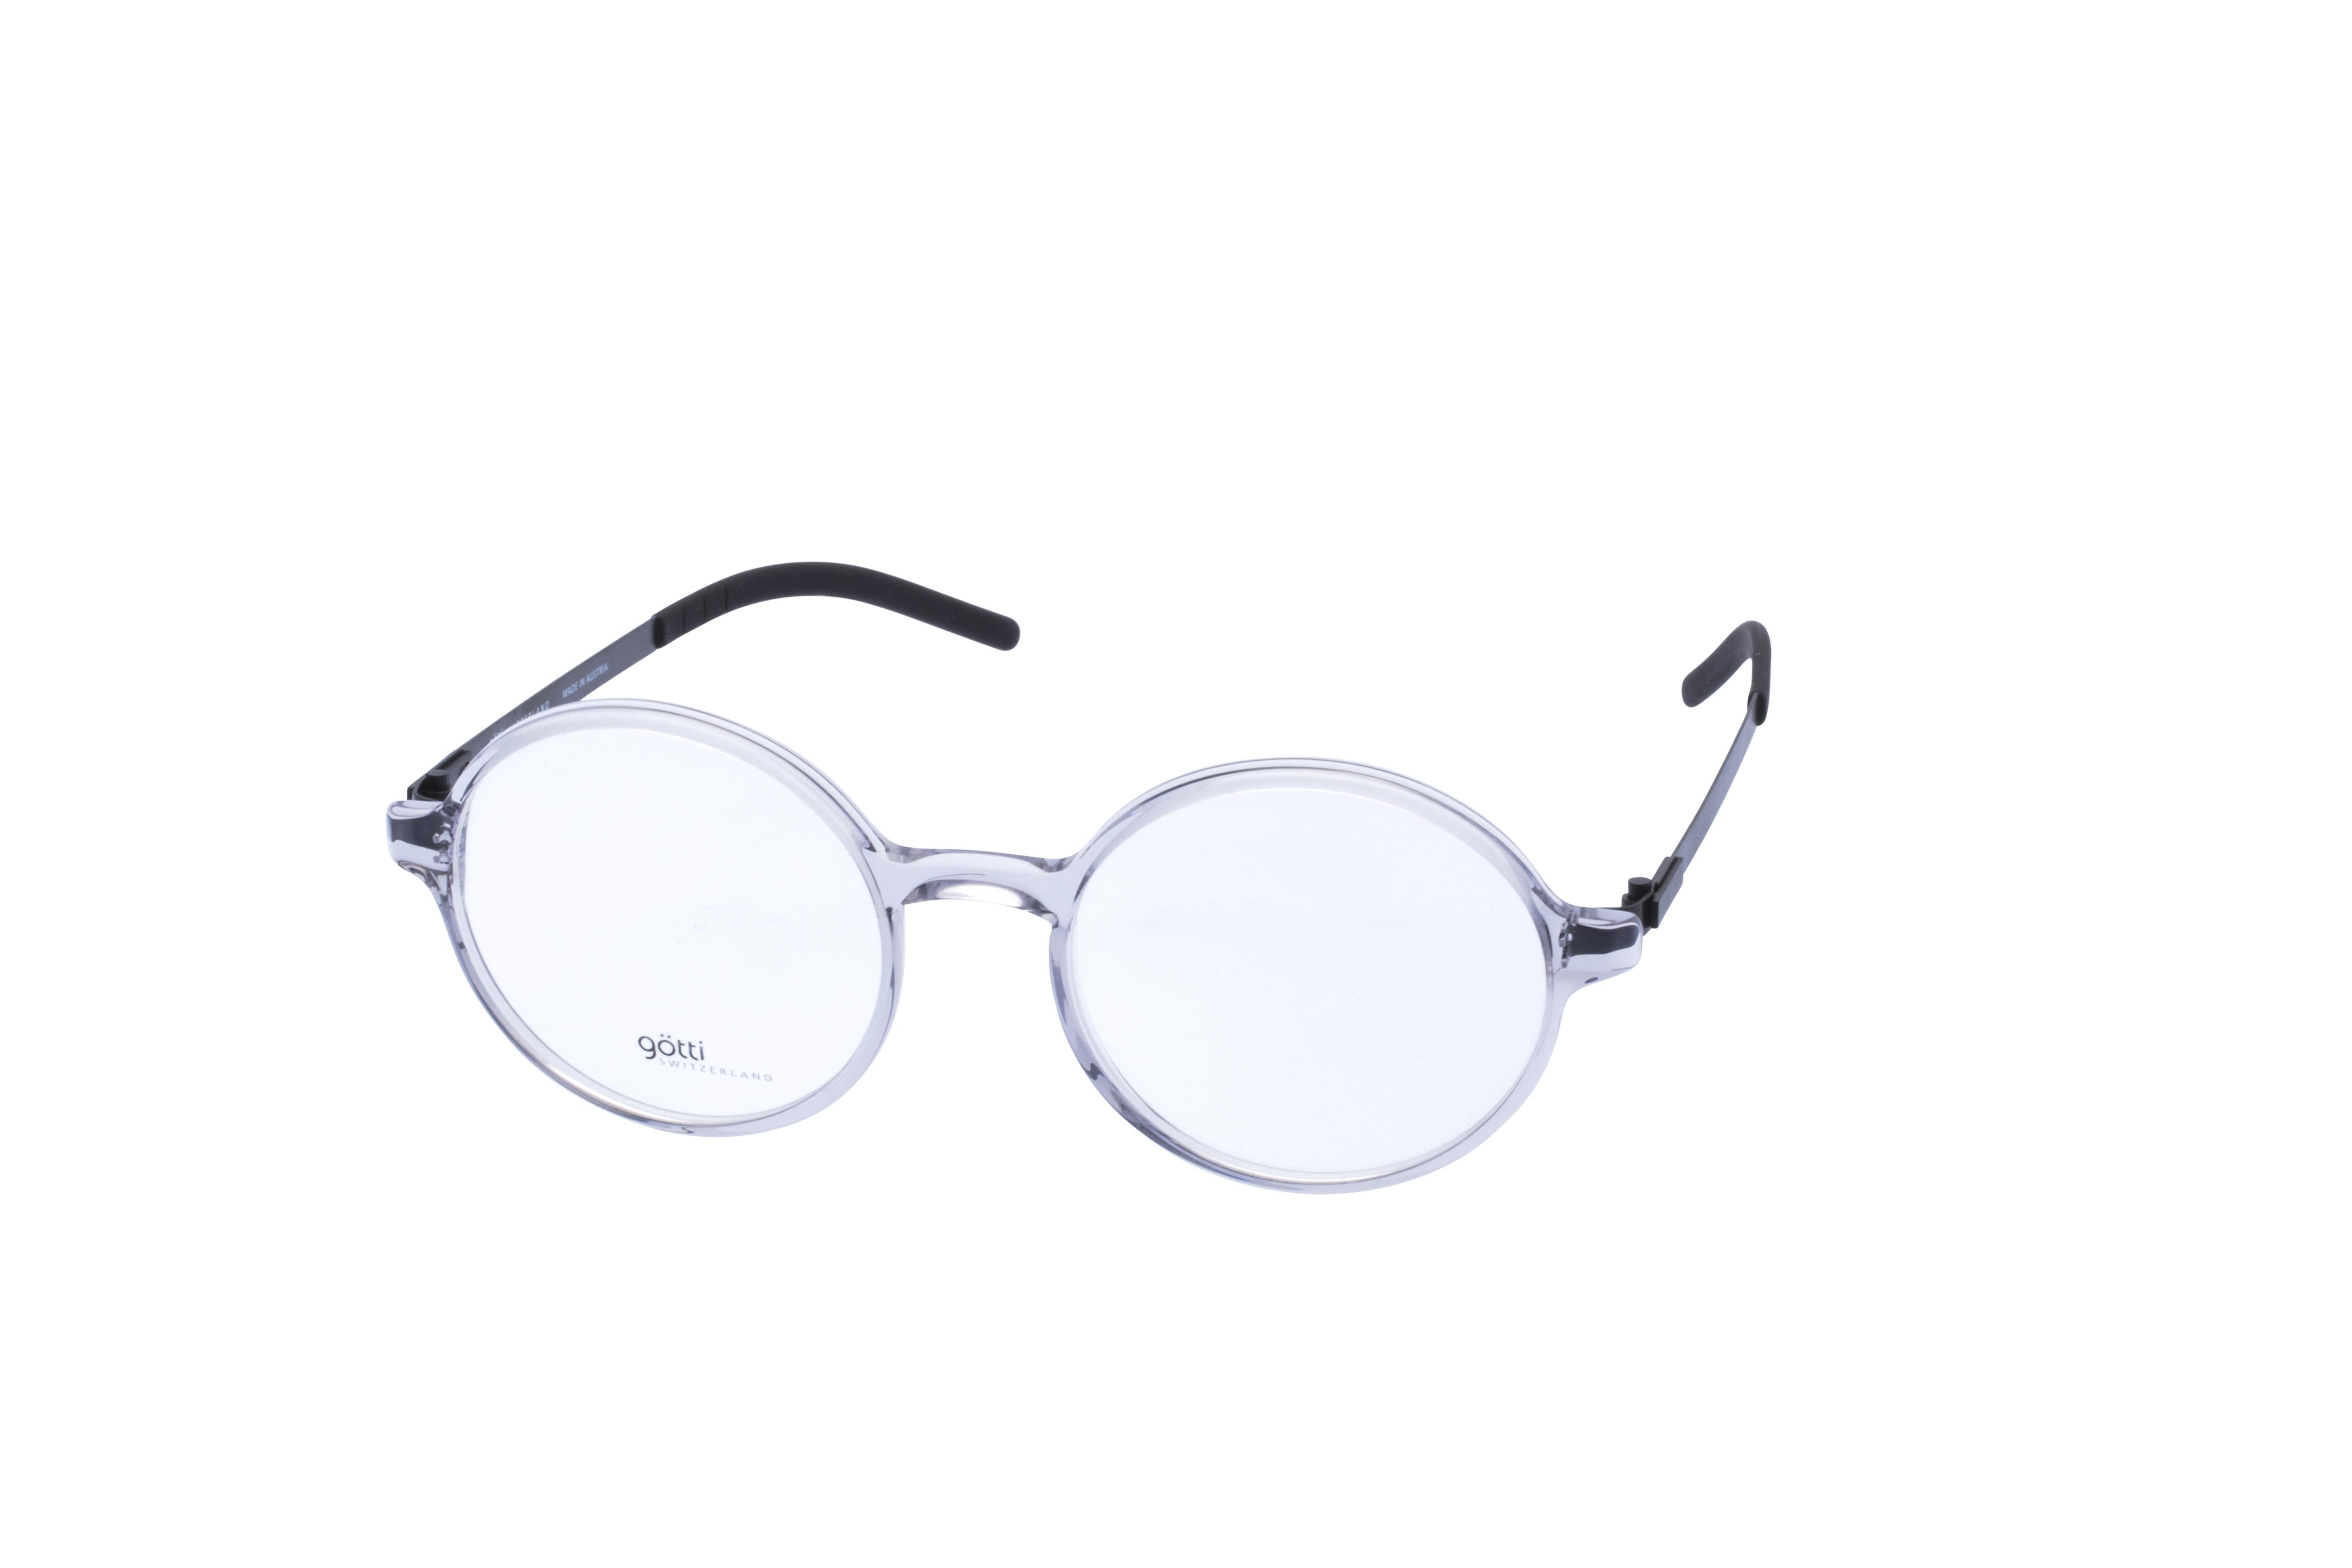 360 Grad Ansicht 23 Götti Sedrin, Brille auf Weiß - Fassung bei KUNK